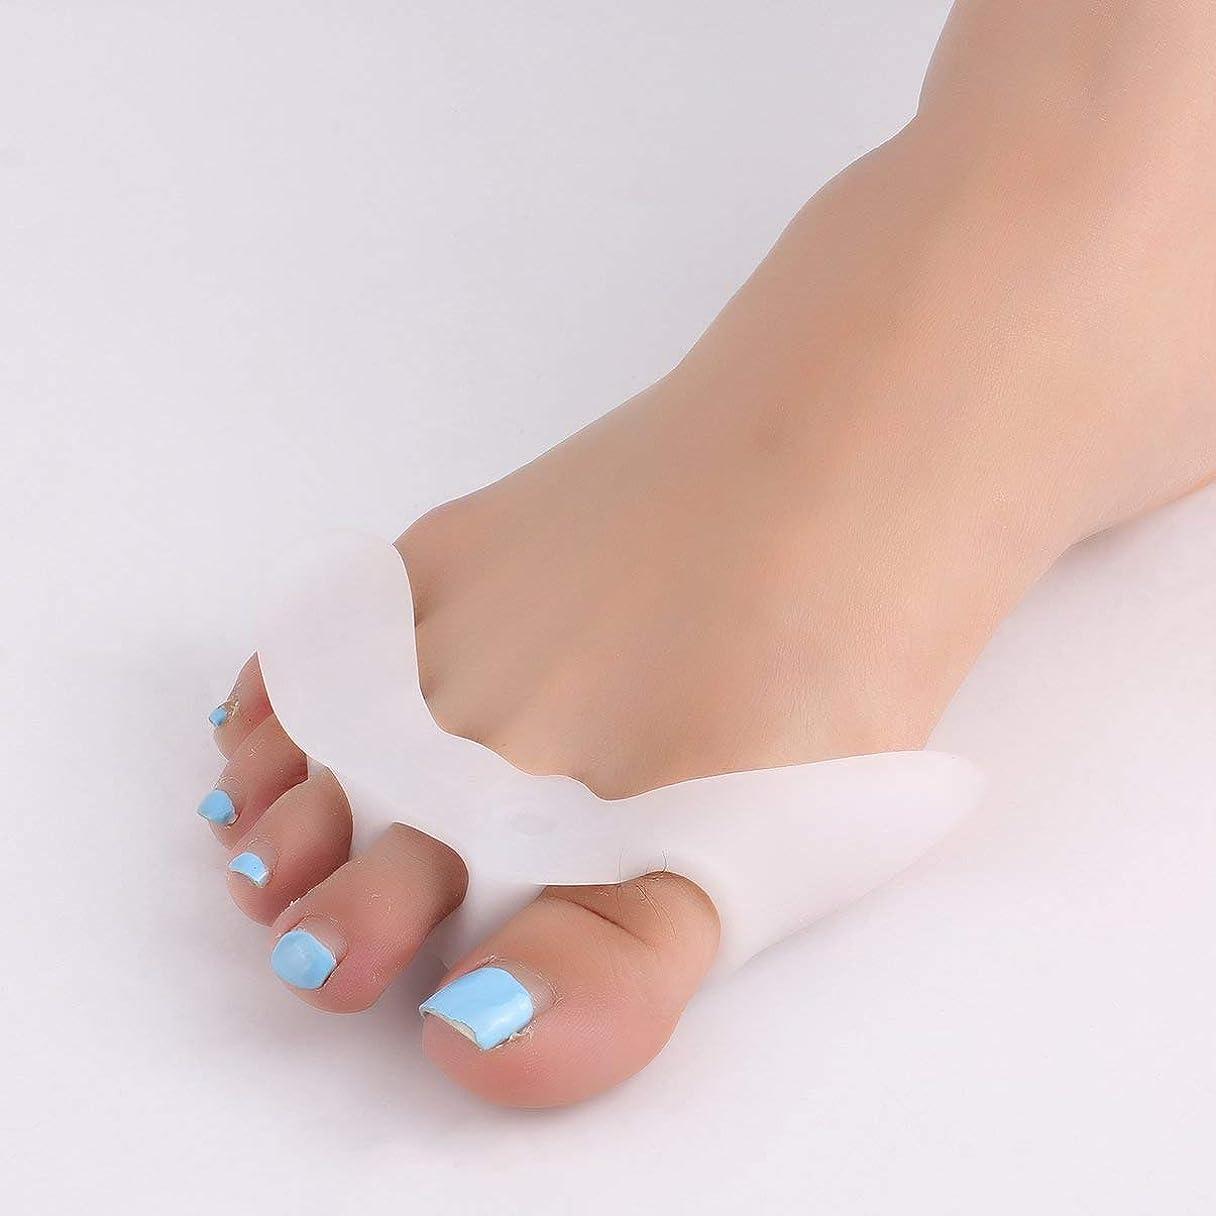 寸法プライム朝食を食べる1 Pair Silicone Toe Separator with 5 Holes Feet Care Braces Supports Tools Bunion Guard Foot Hallux Valgus